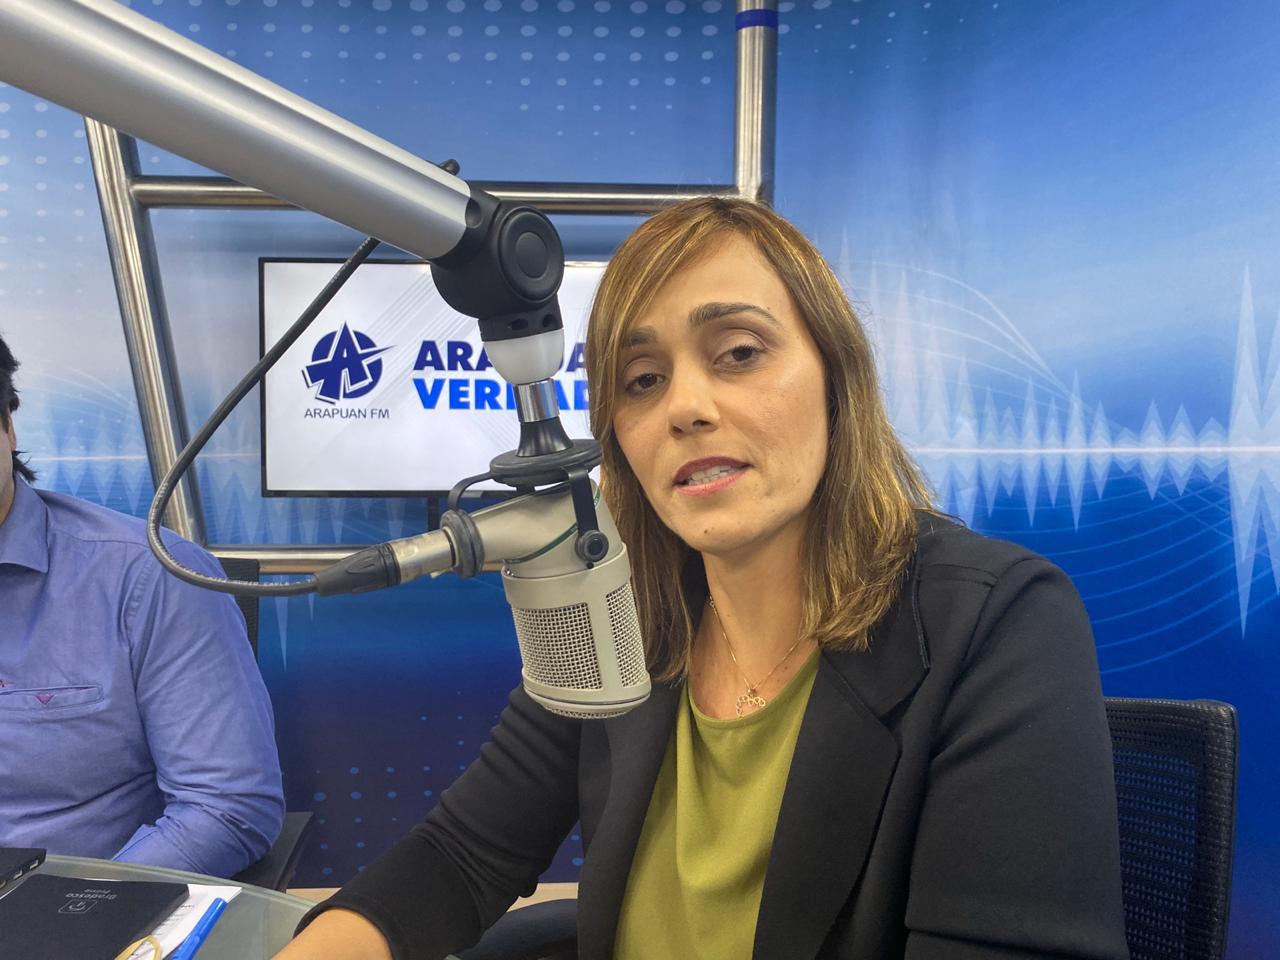 WhatsApp Image 2019 11 06 at 1.44.51 PM - PRÉ-CAMPANHA NA RUA: Ana Cláudia Vital revela apoio da população para concorrer a prefeitura de Campina Grande - VEJA VÍDEO